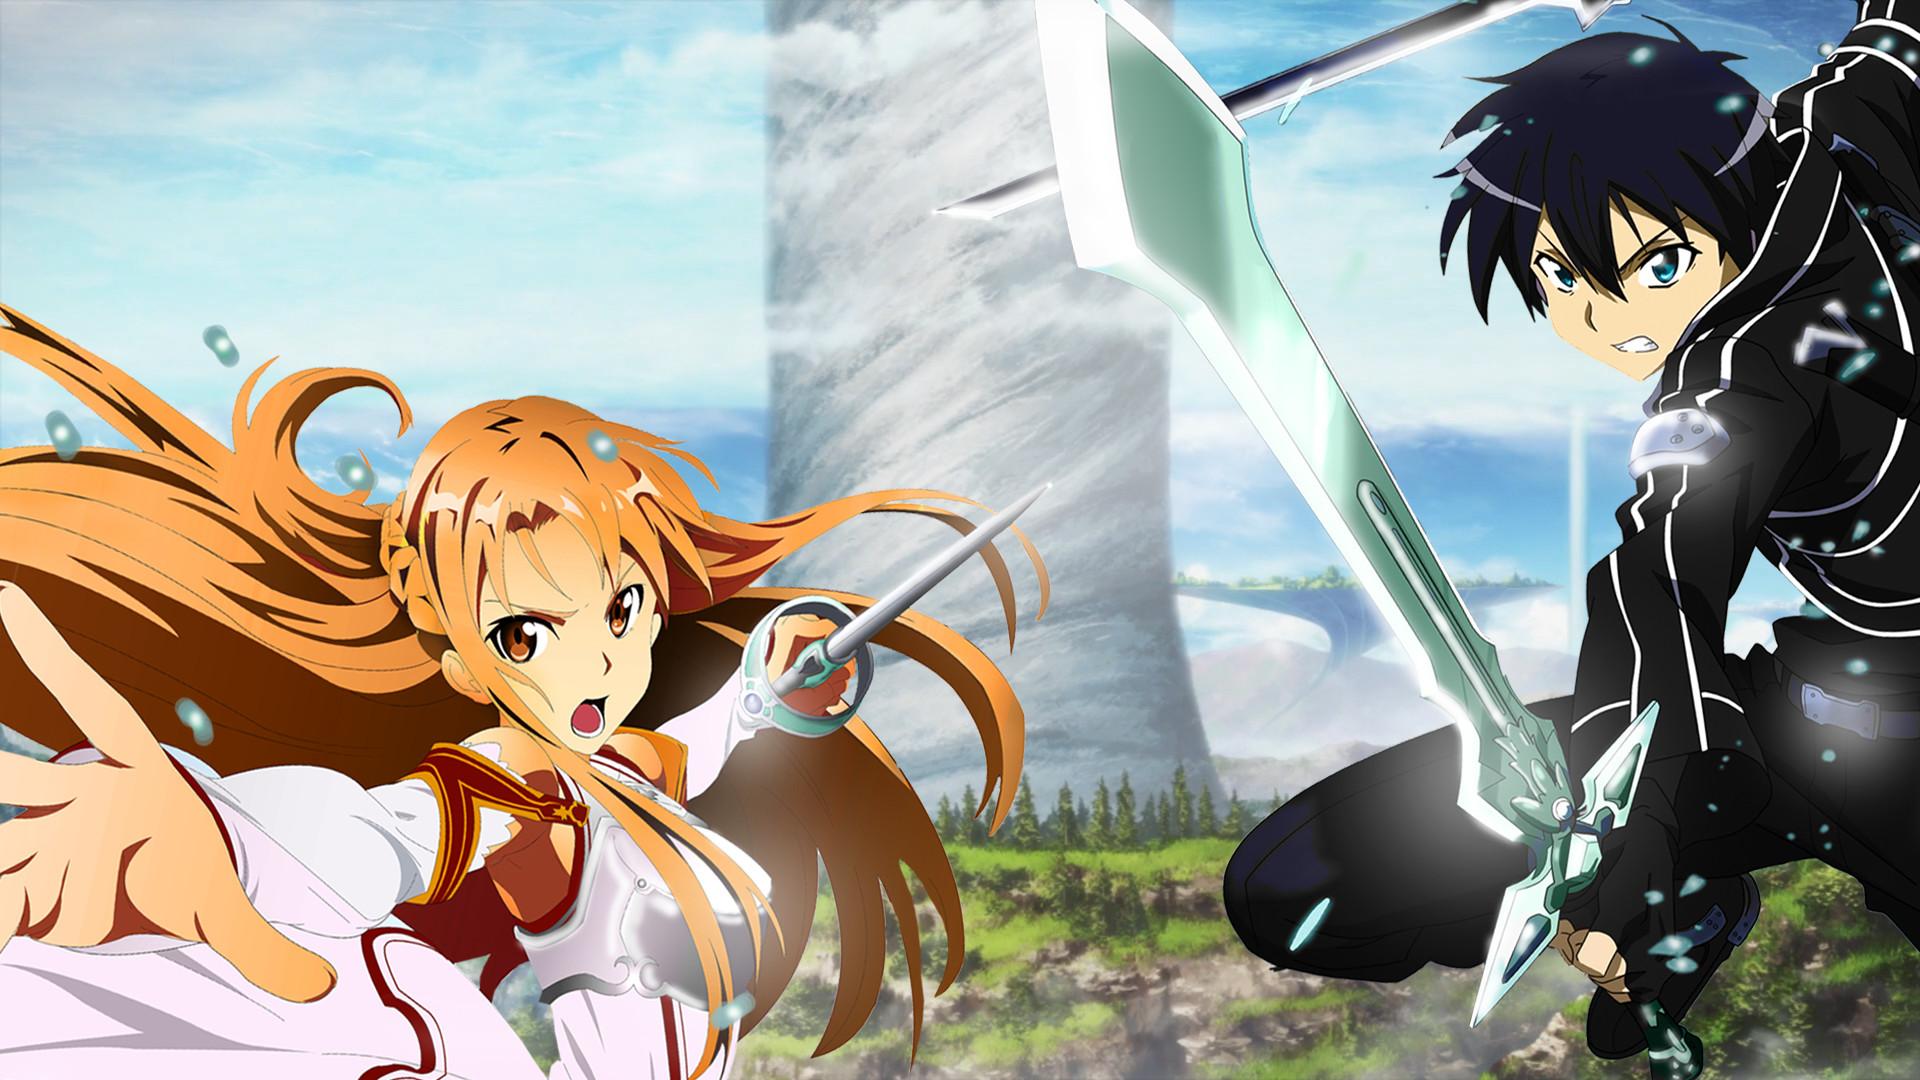 Sword Art Online Asuna Fighting